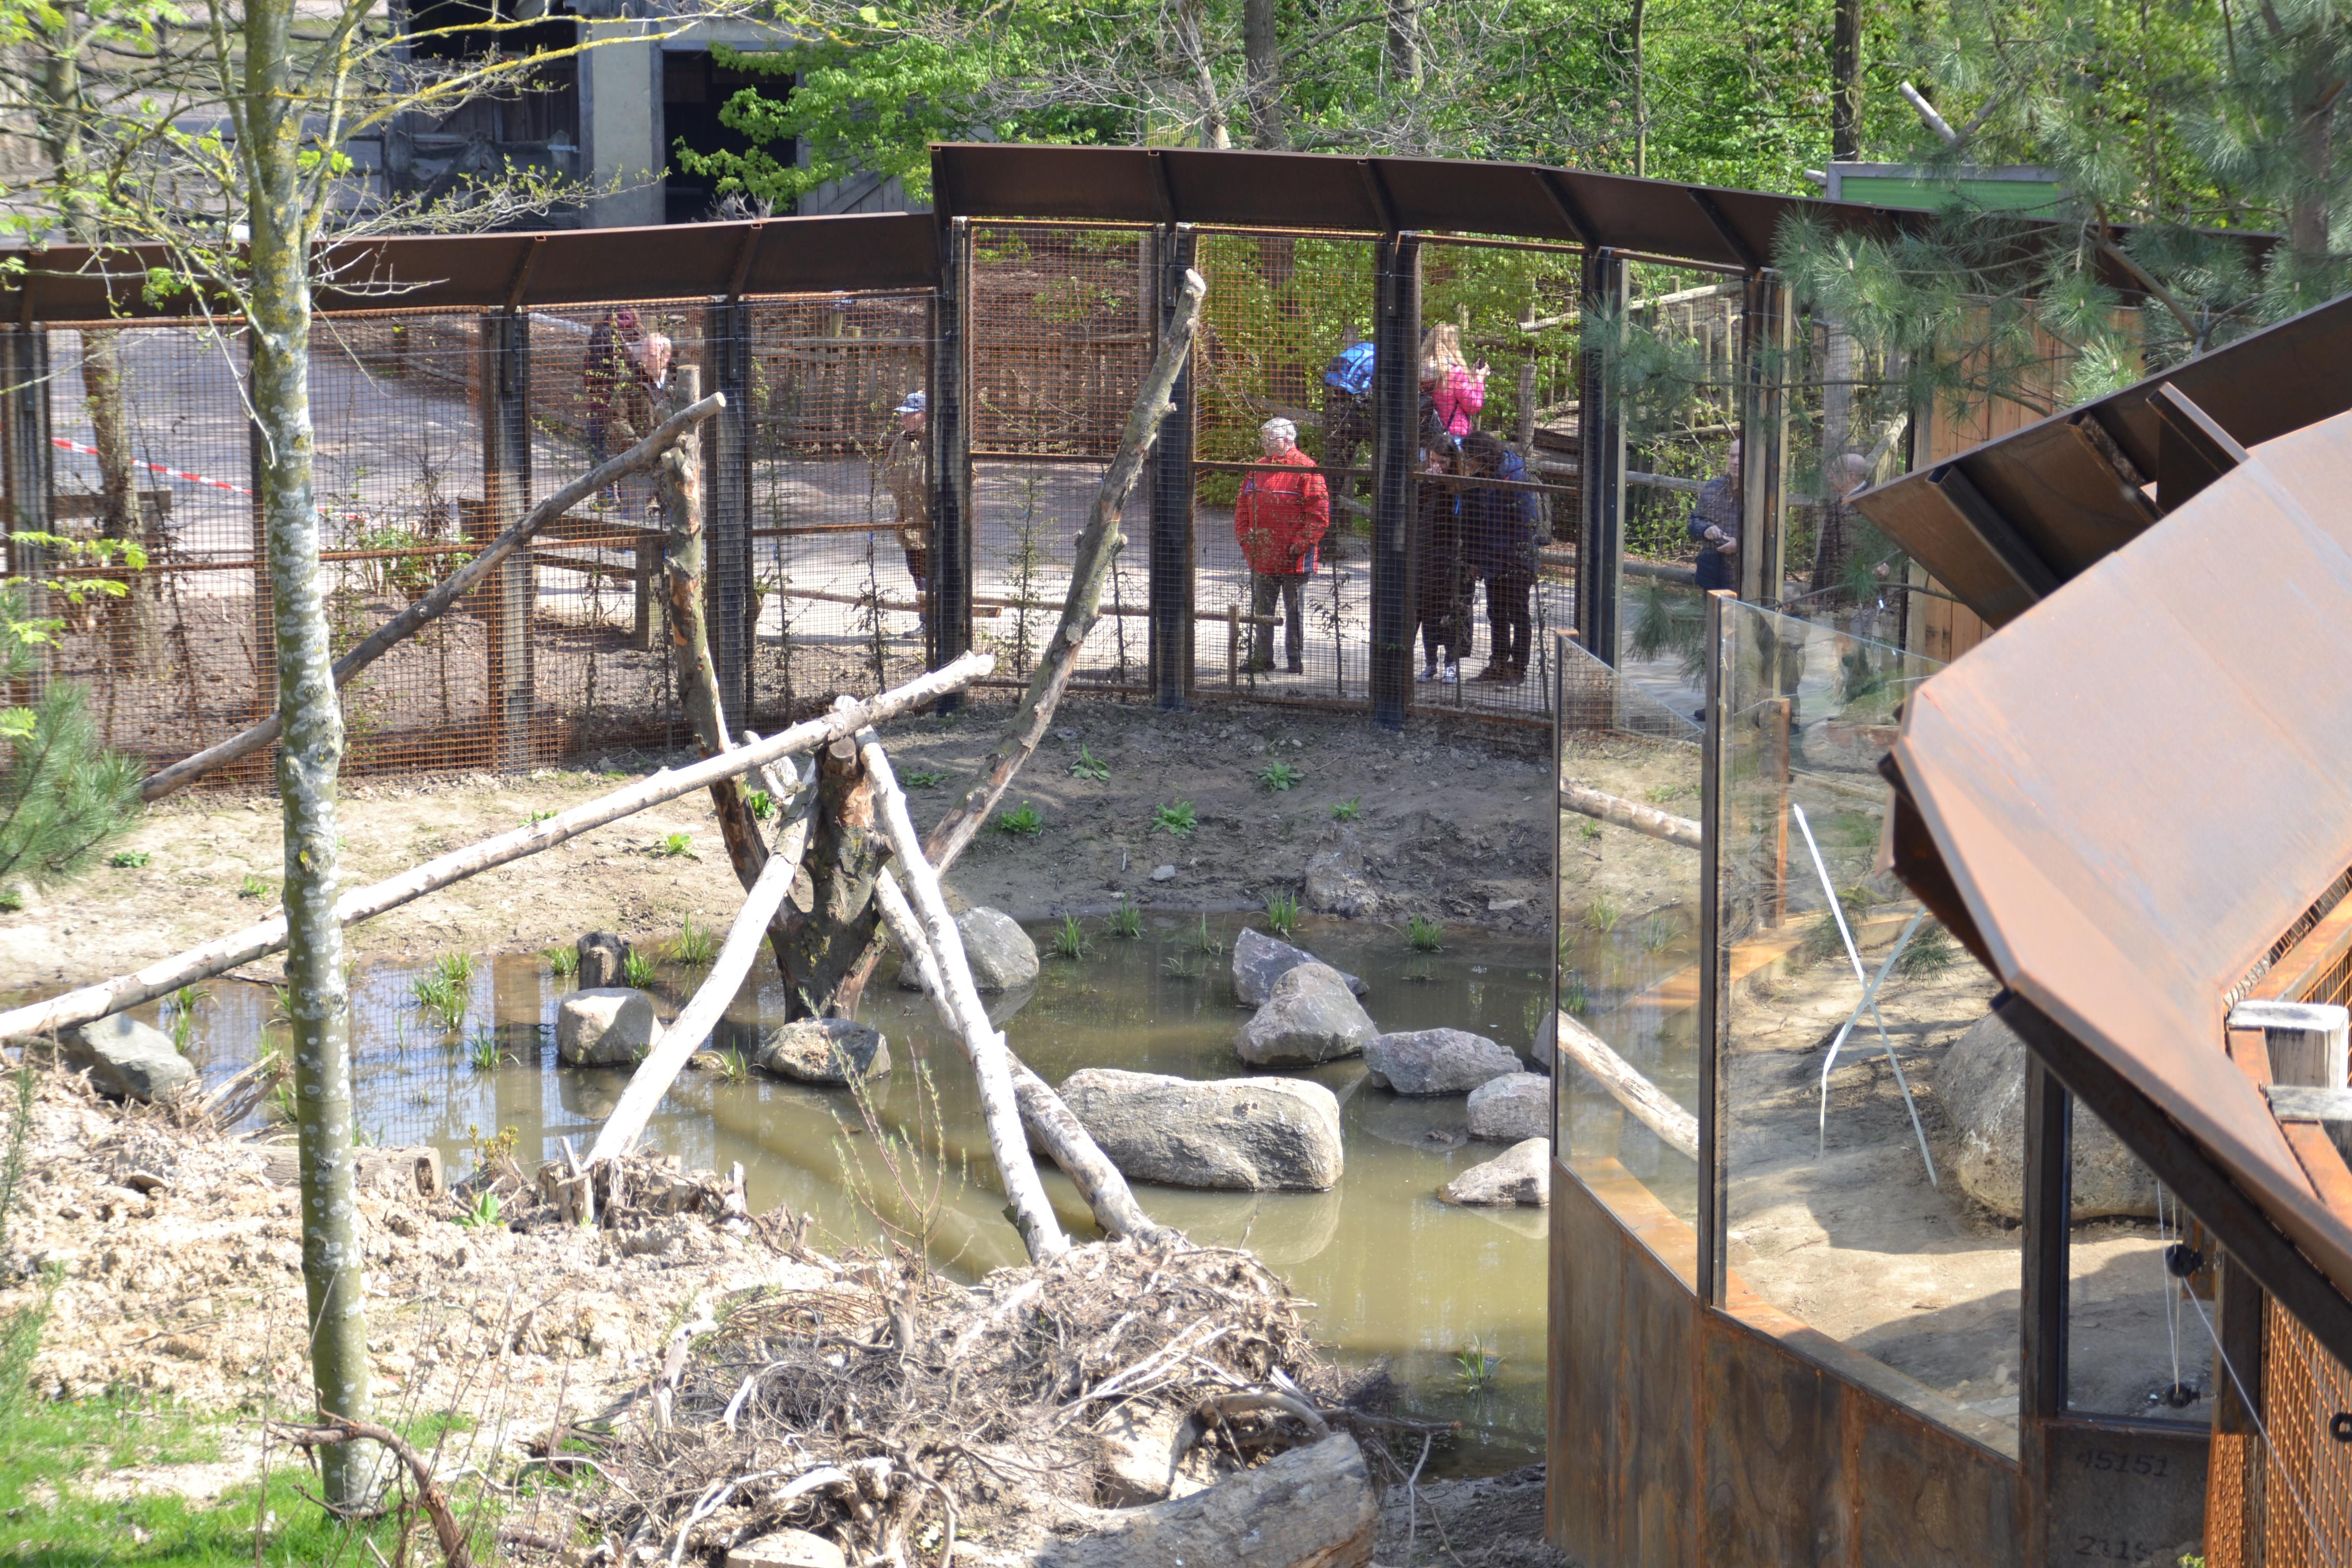 Bezoekers kijken naar lynxen in nieuwe verblijf